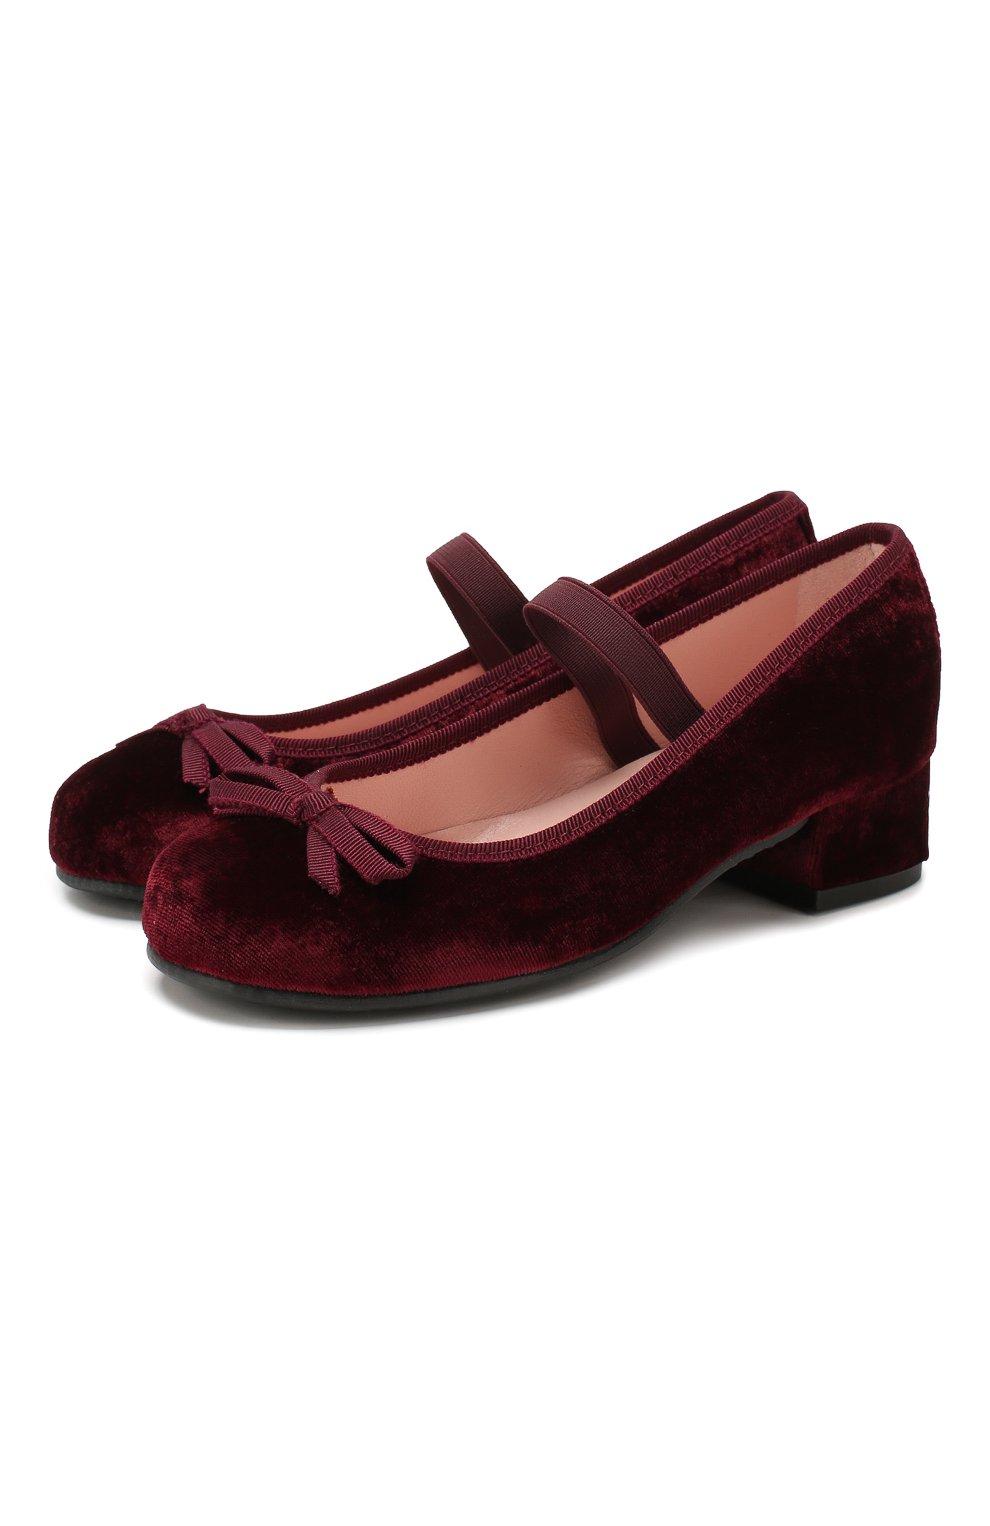 Детские туфли с перемычкой PRETTY BALLERINAS бордового цвета, арт. 44.097/AFR0DITE-D0 | Фото 1